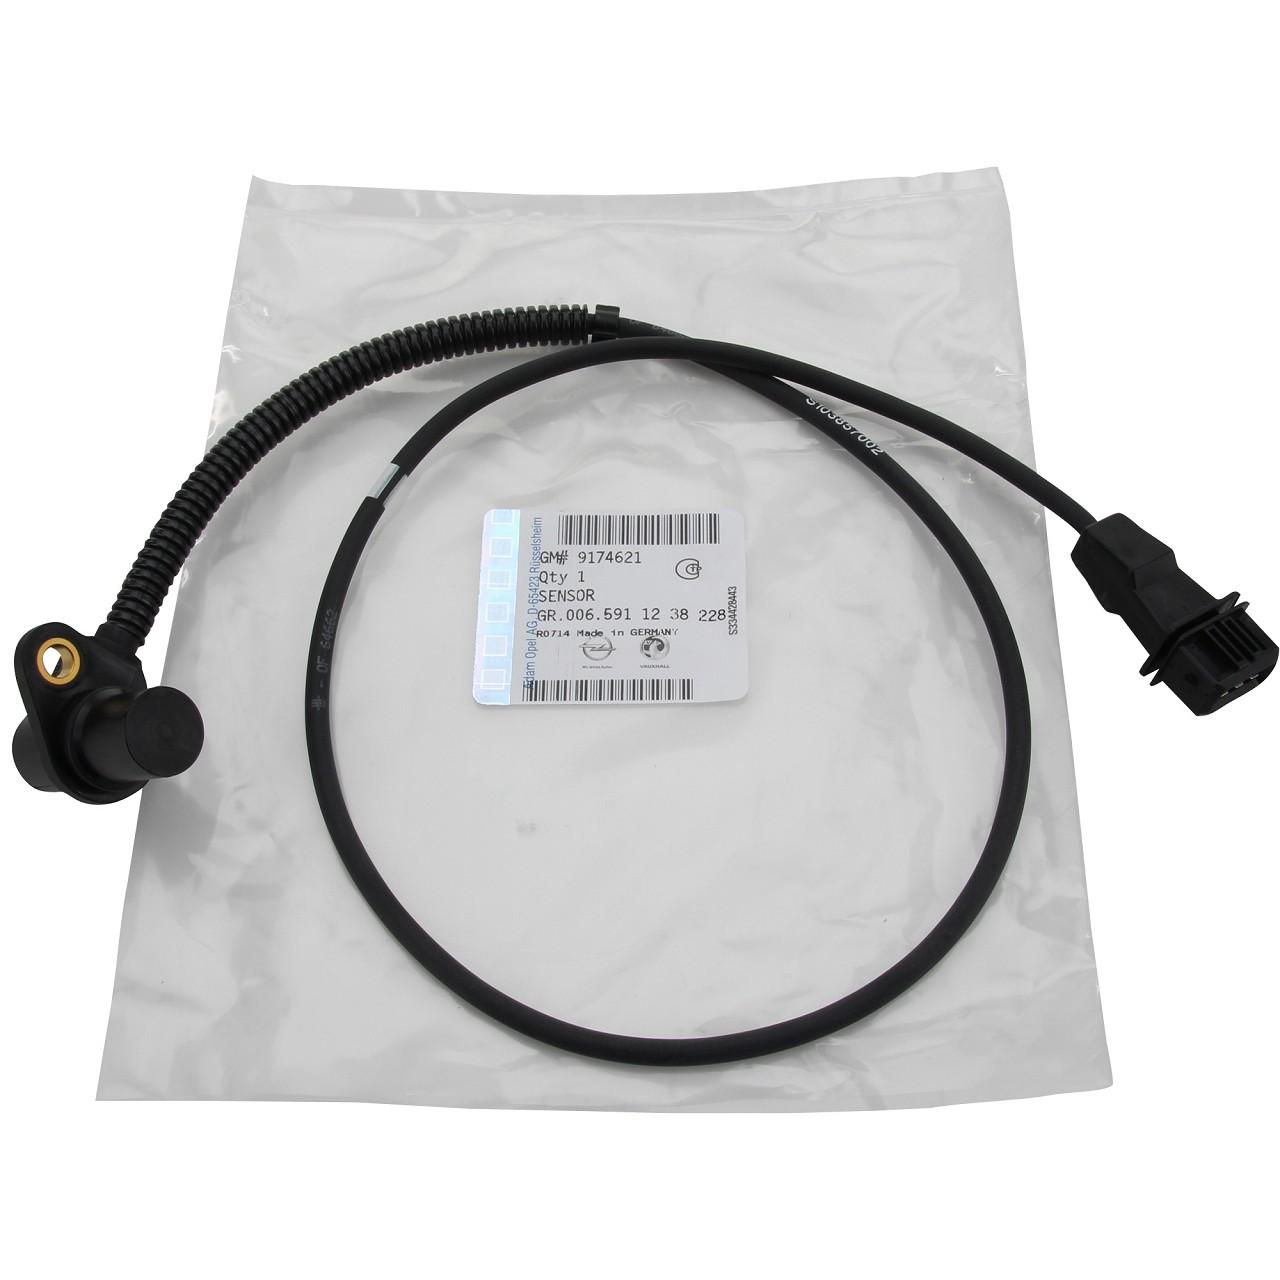 ORIGINAL OPEL Kurbelwellensensor Sensor Kurbelwelle Impulsgeber OT-Geber 1238228